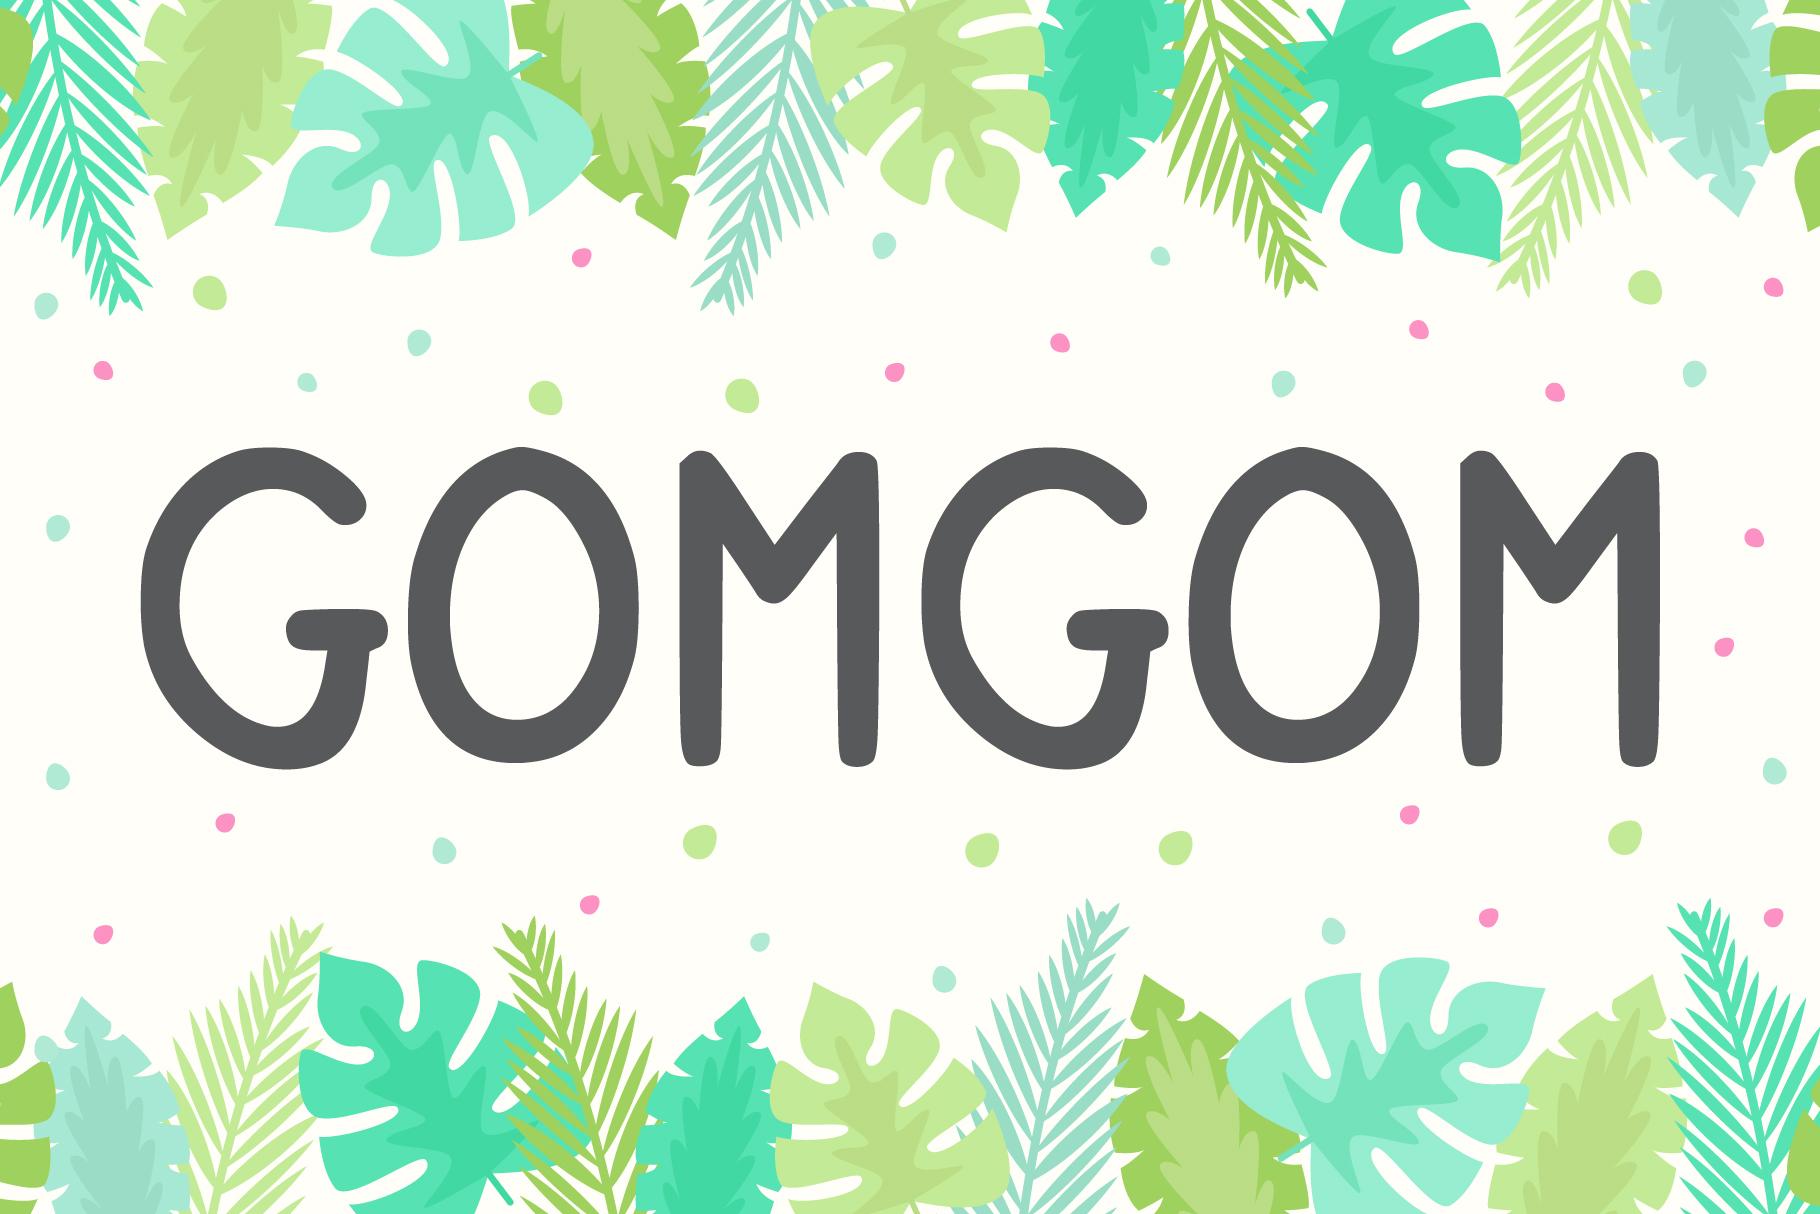 Gomgom Free Font